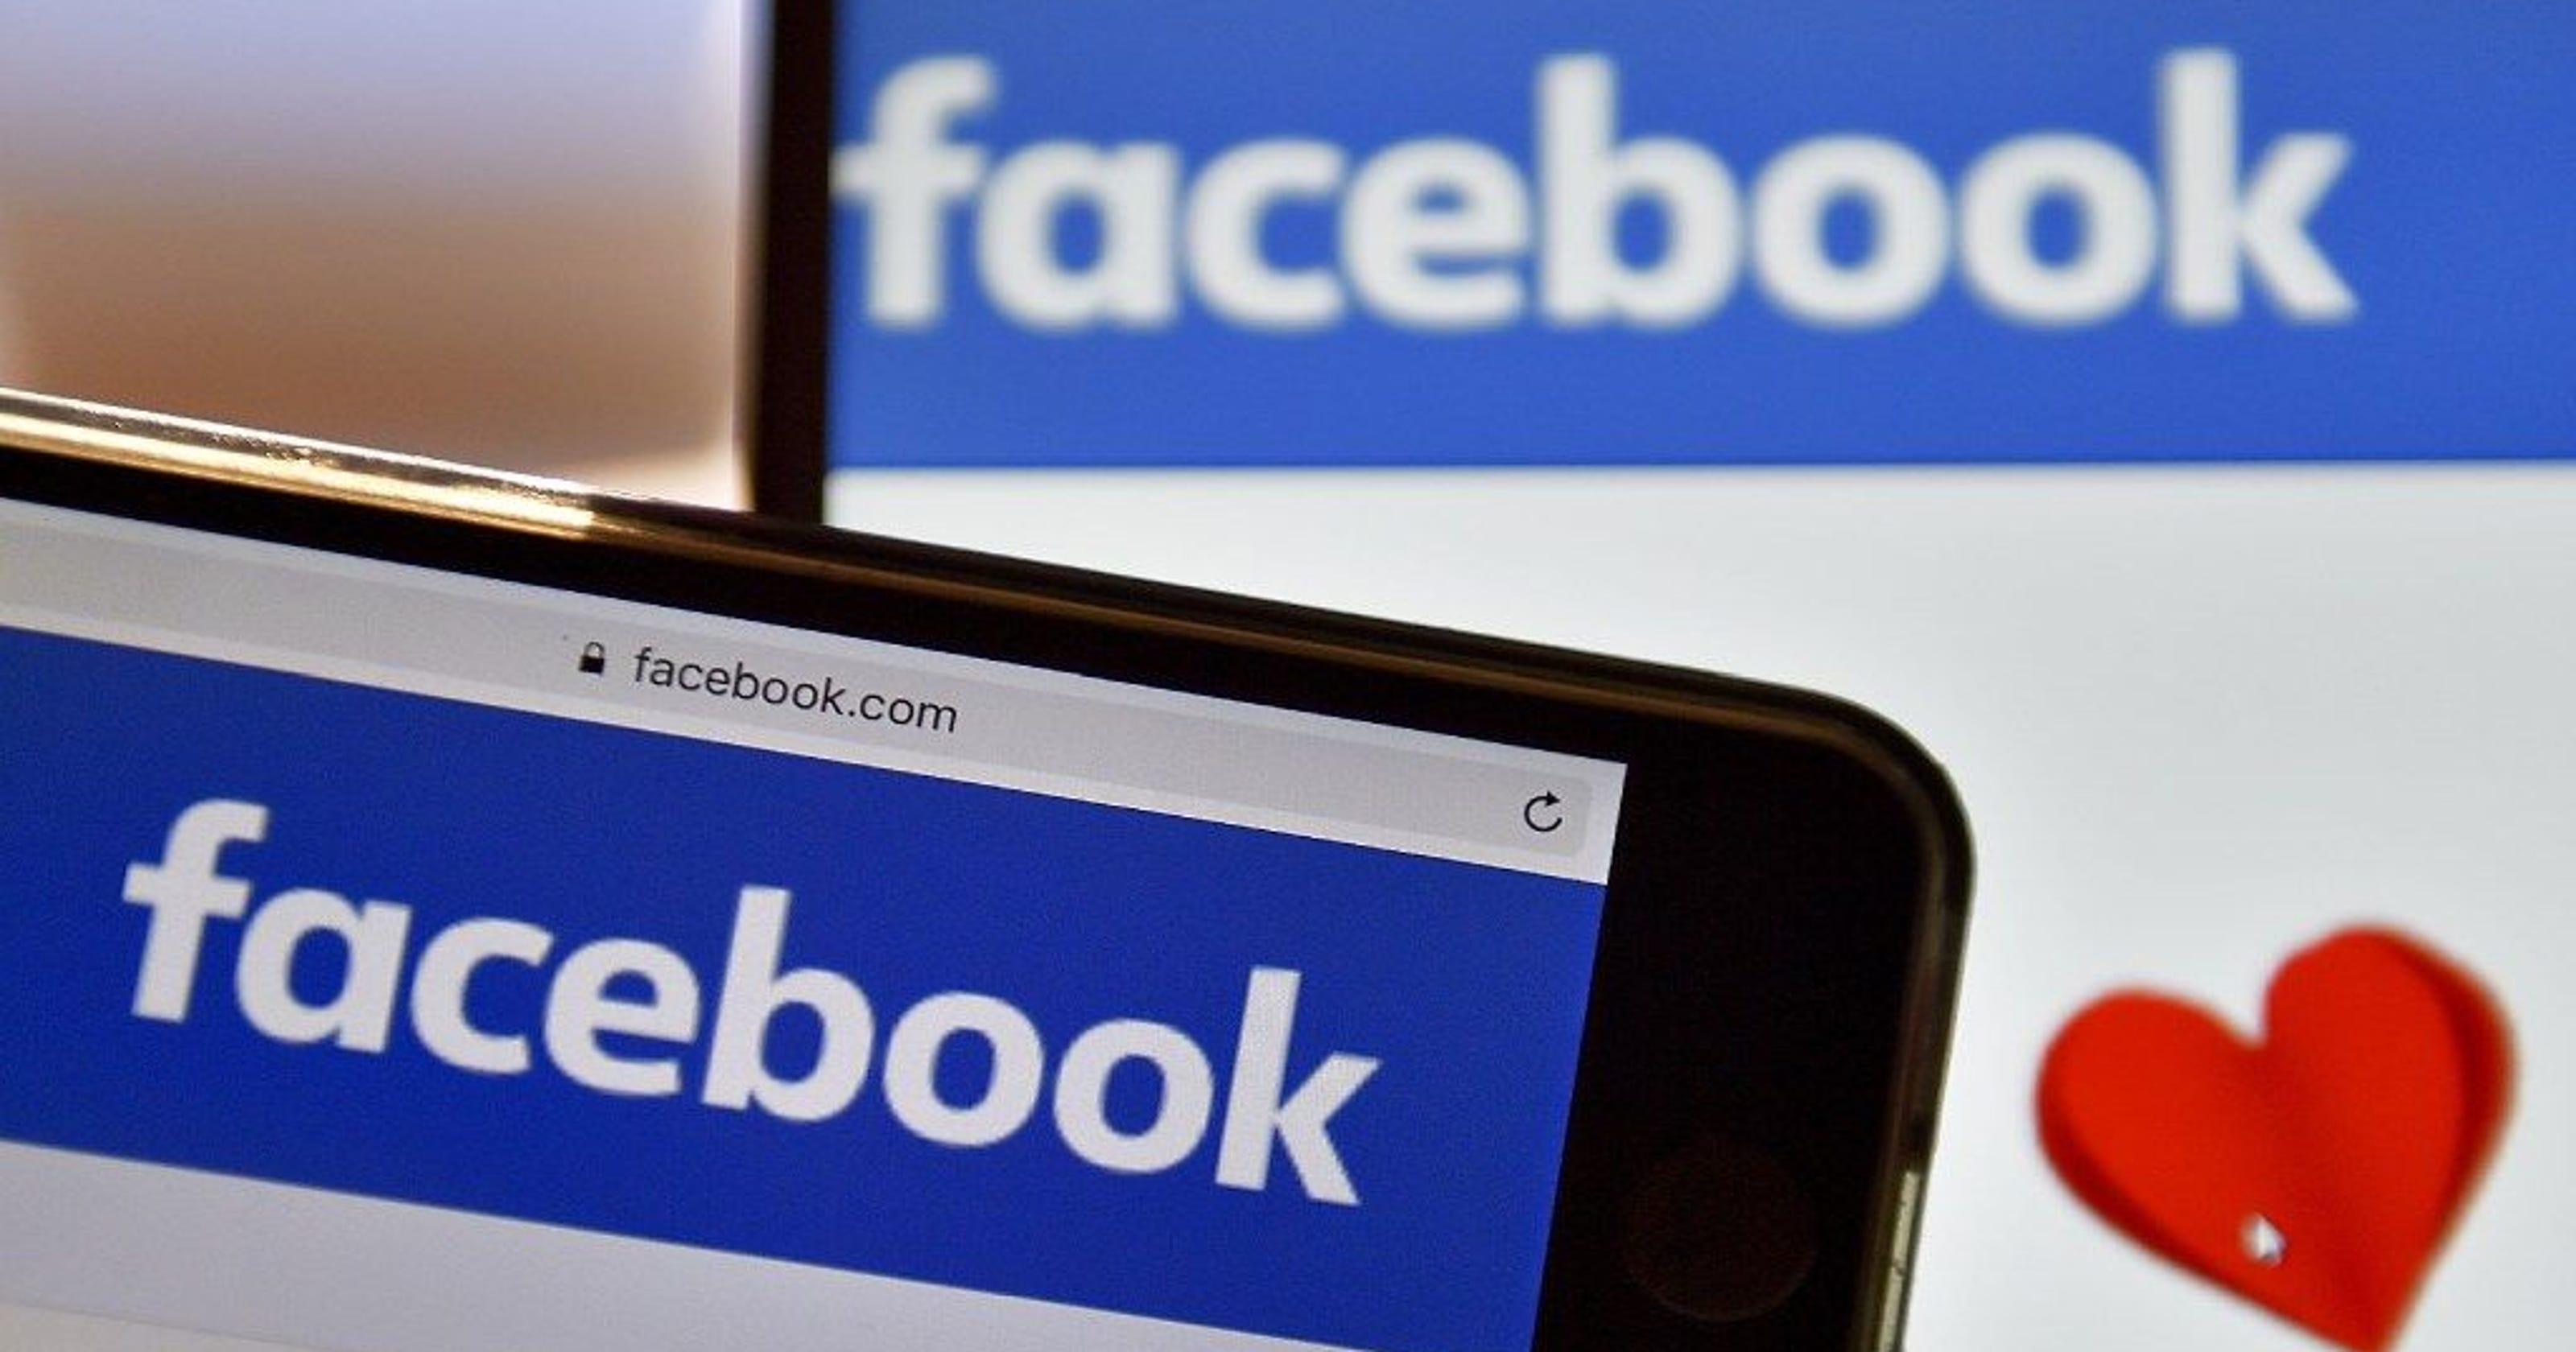 Beware of Facebook 'cloning' scam